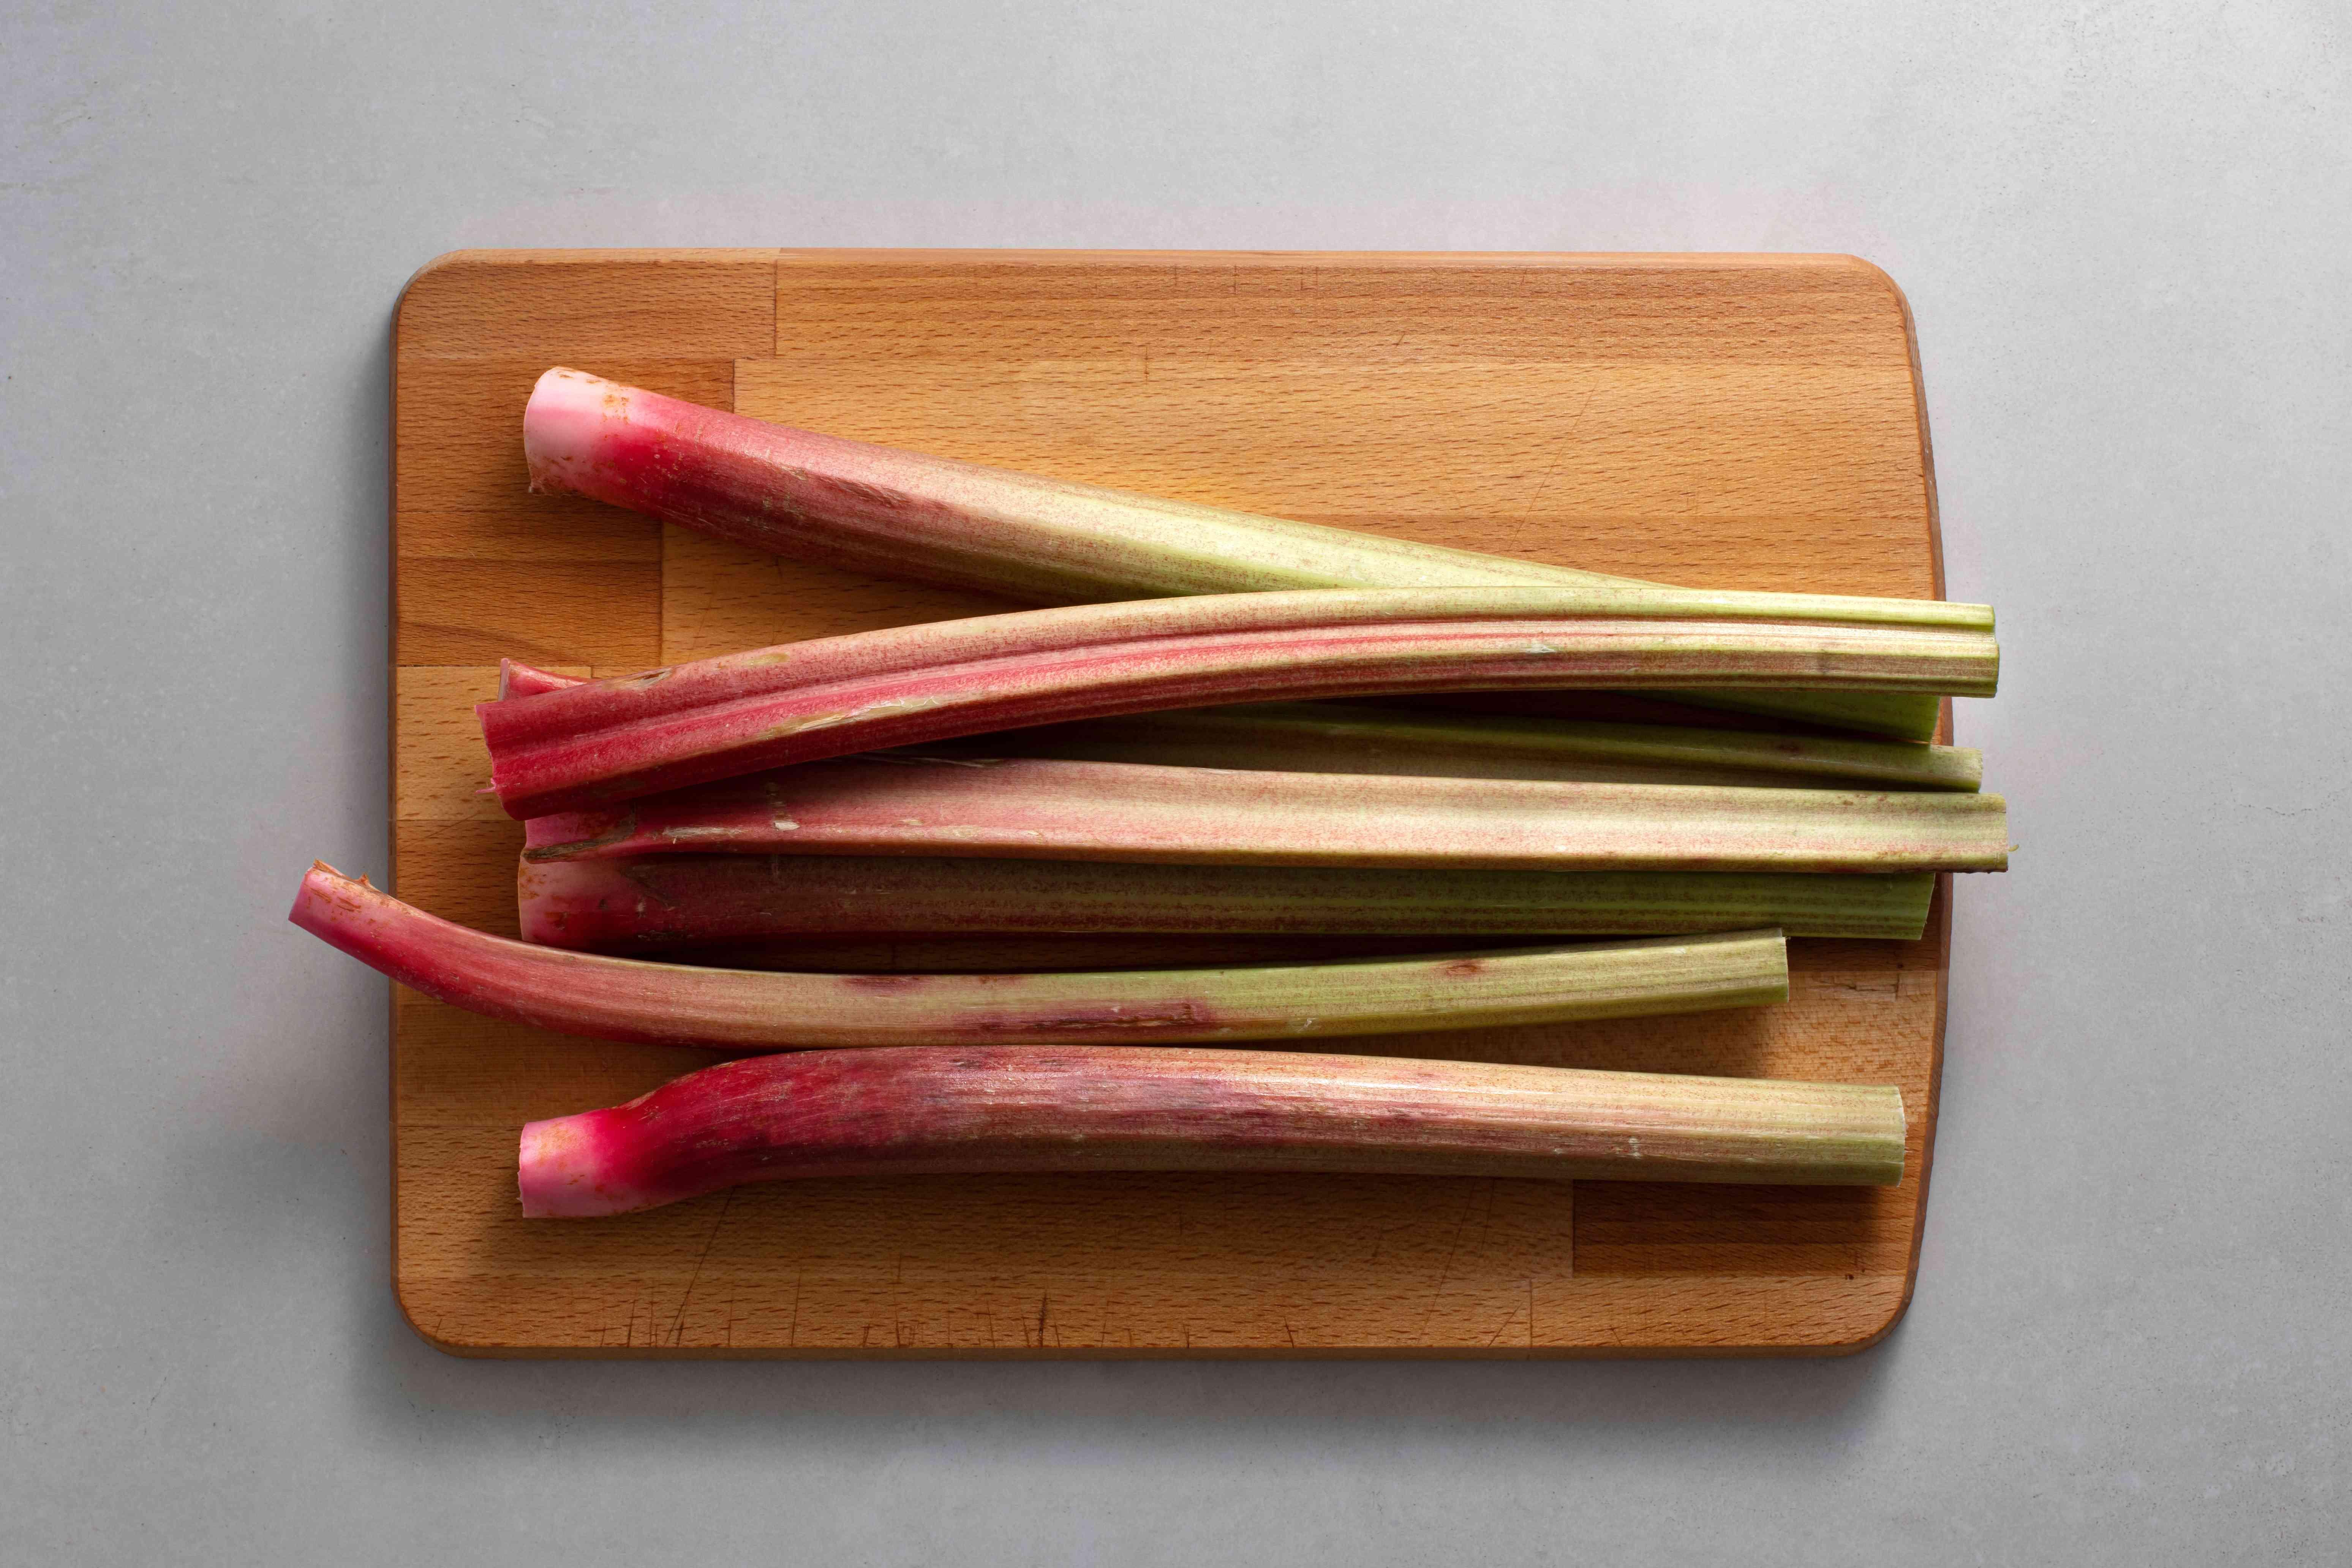 Trim and rinse rhubarb stalks